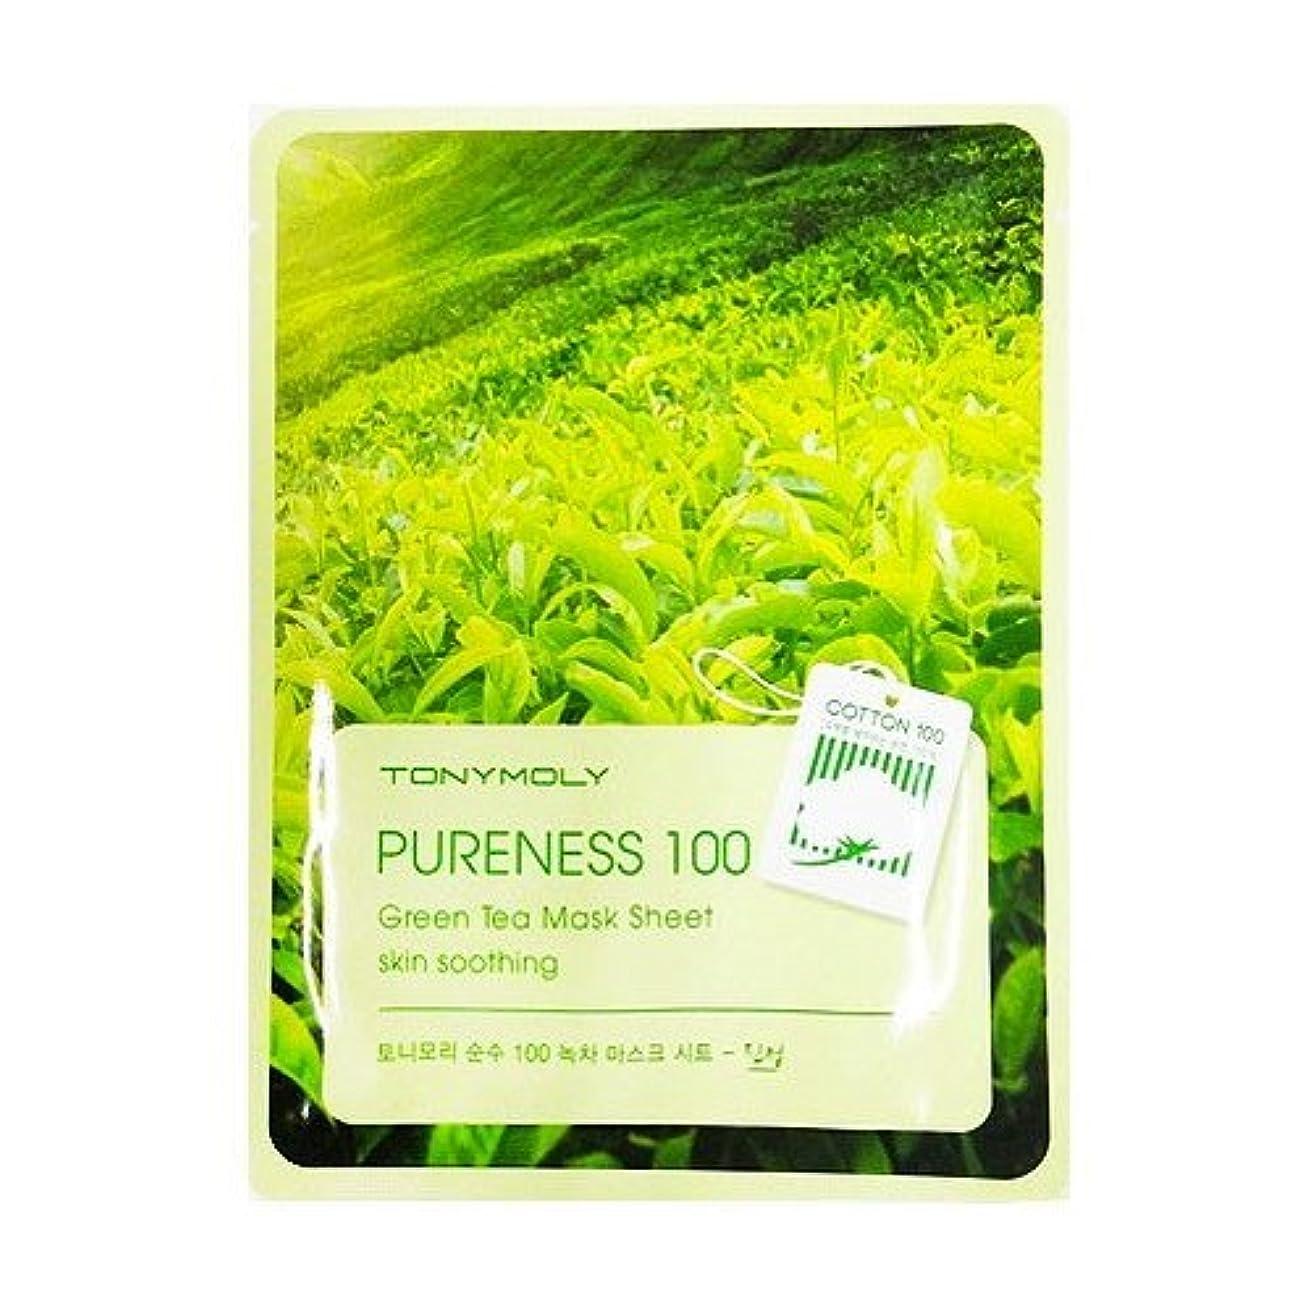 テナントセメント息子(3 Pack) TONYMOLY Pureness 100 Green Tea Mask Sheet Skin Soothing (並行輸入品)